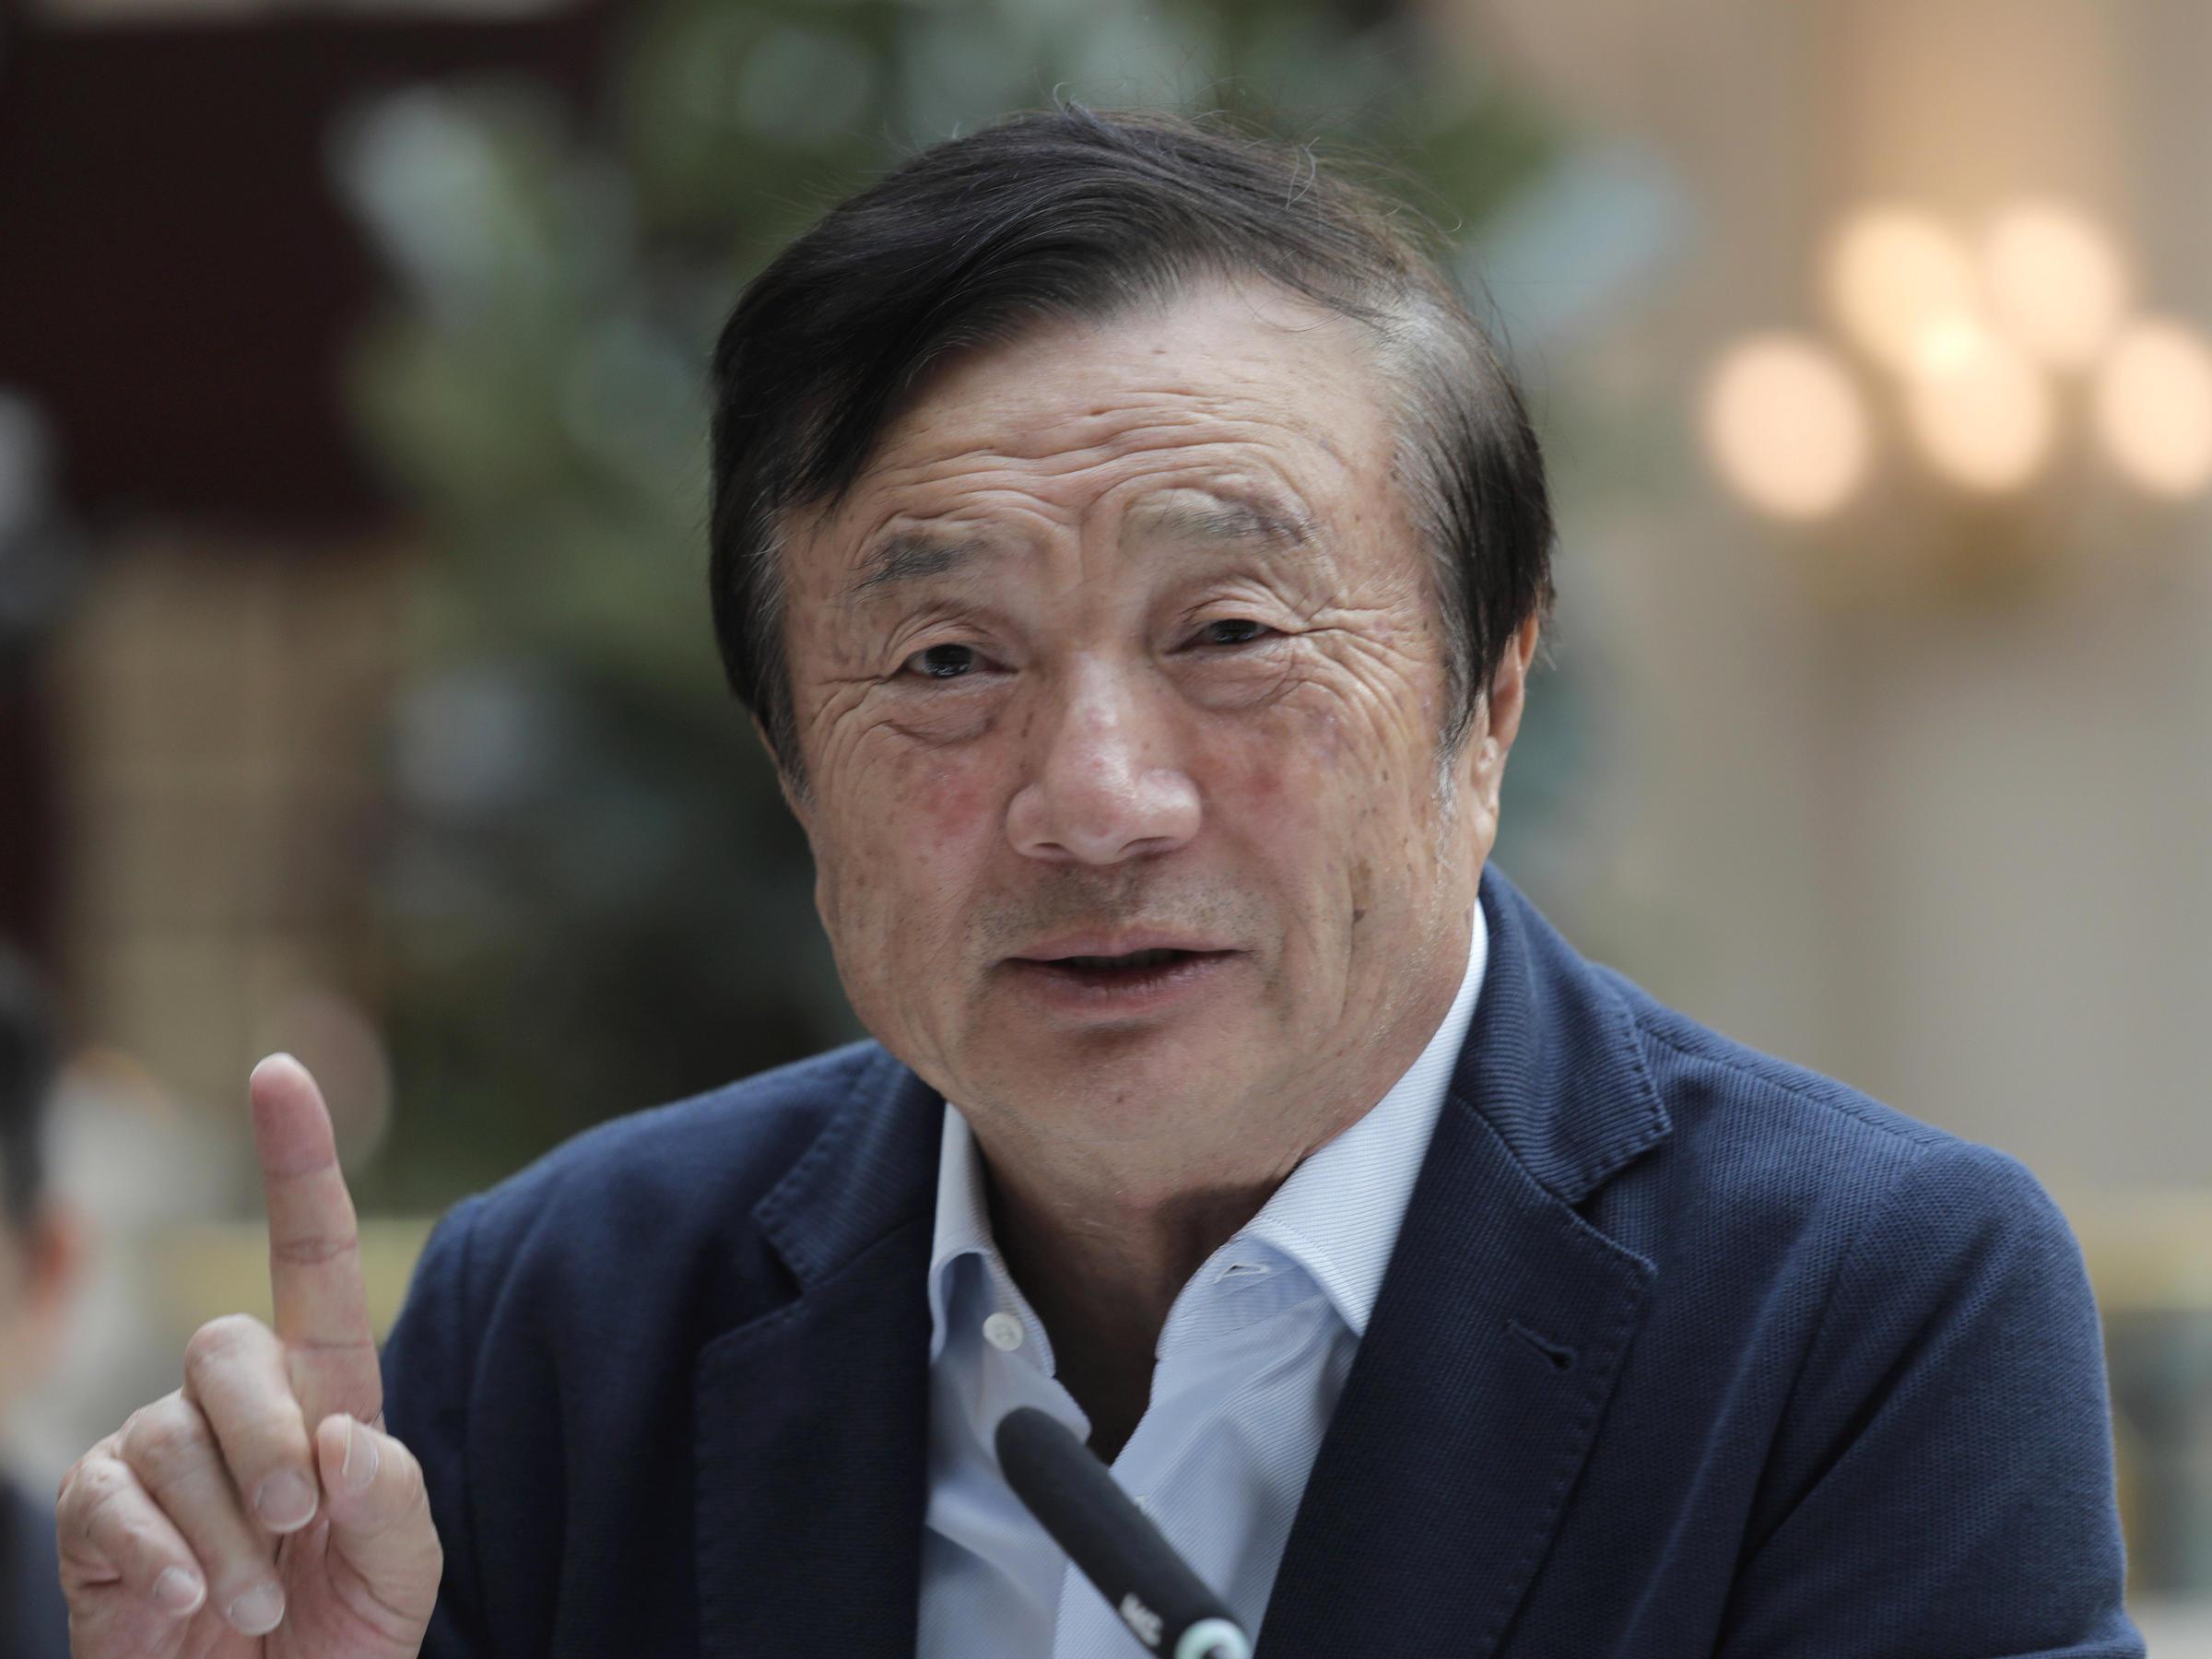 Huaweioprichter Ren Zhengfei